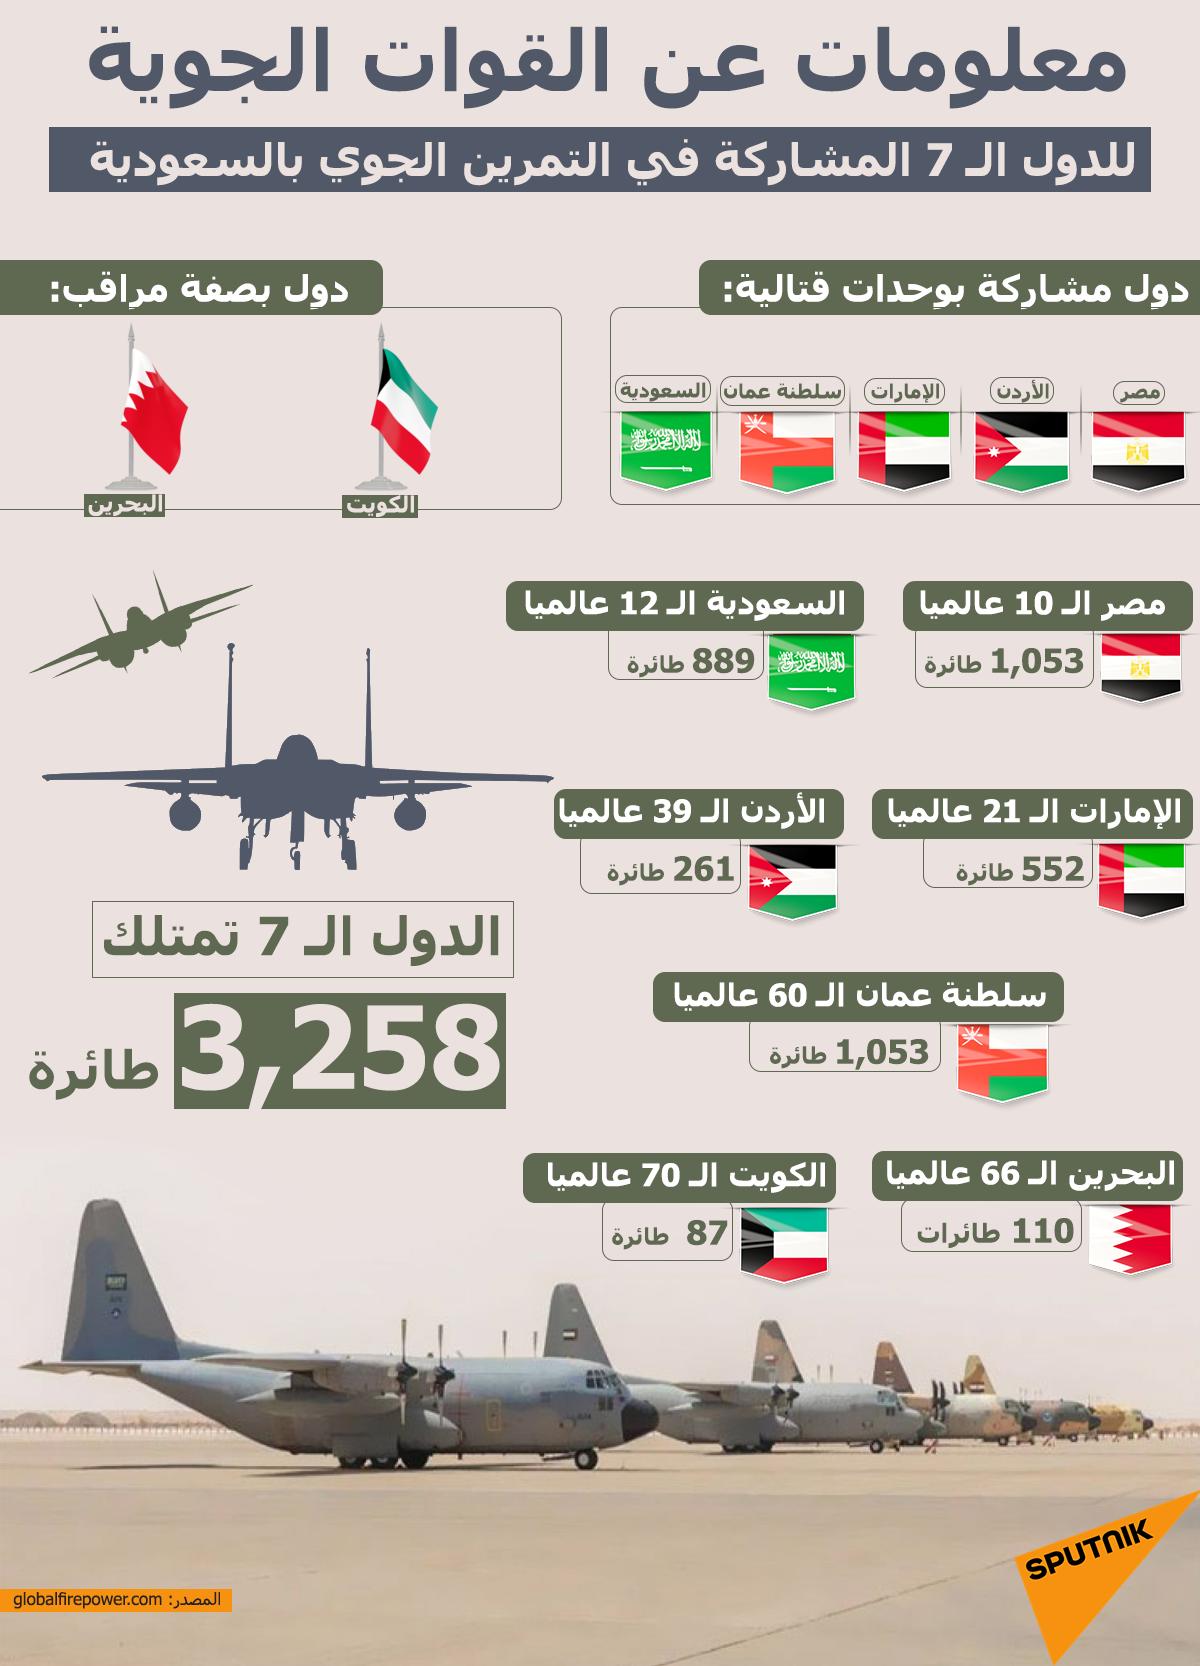 القوات الجوية المشاركة في تمرين مشترك بالسعودية